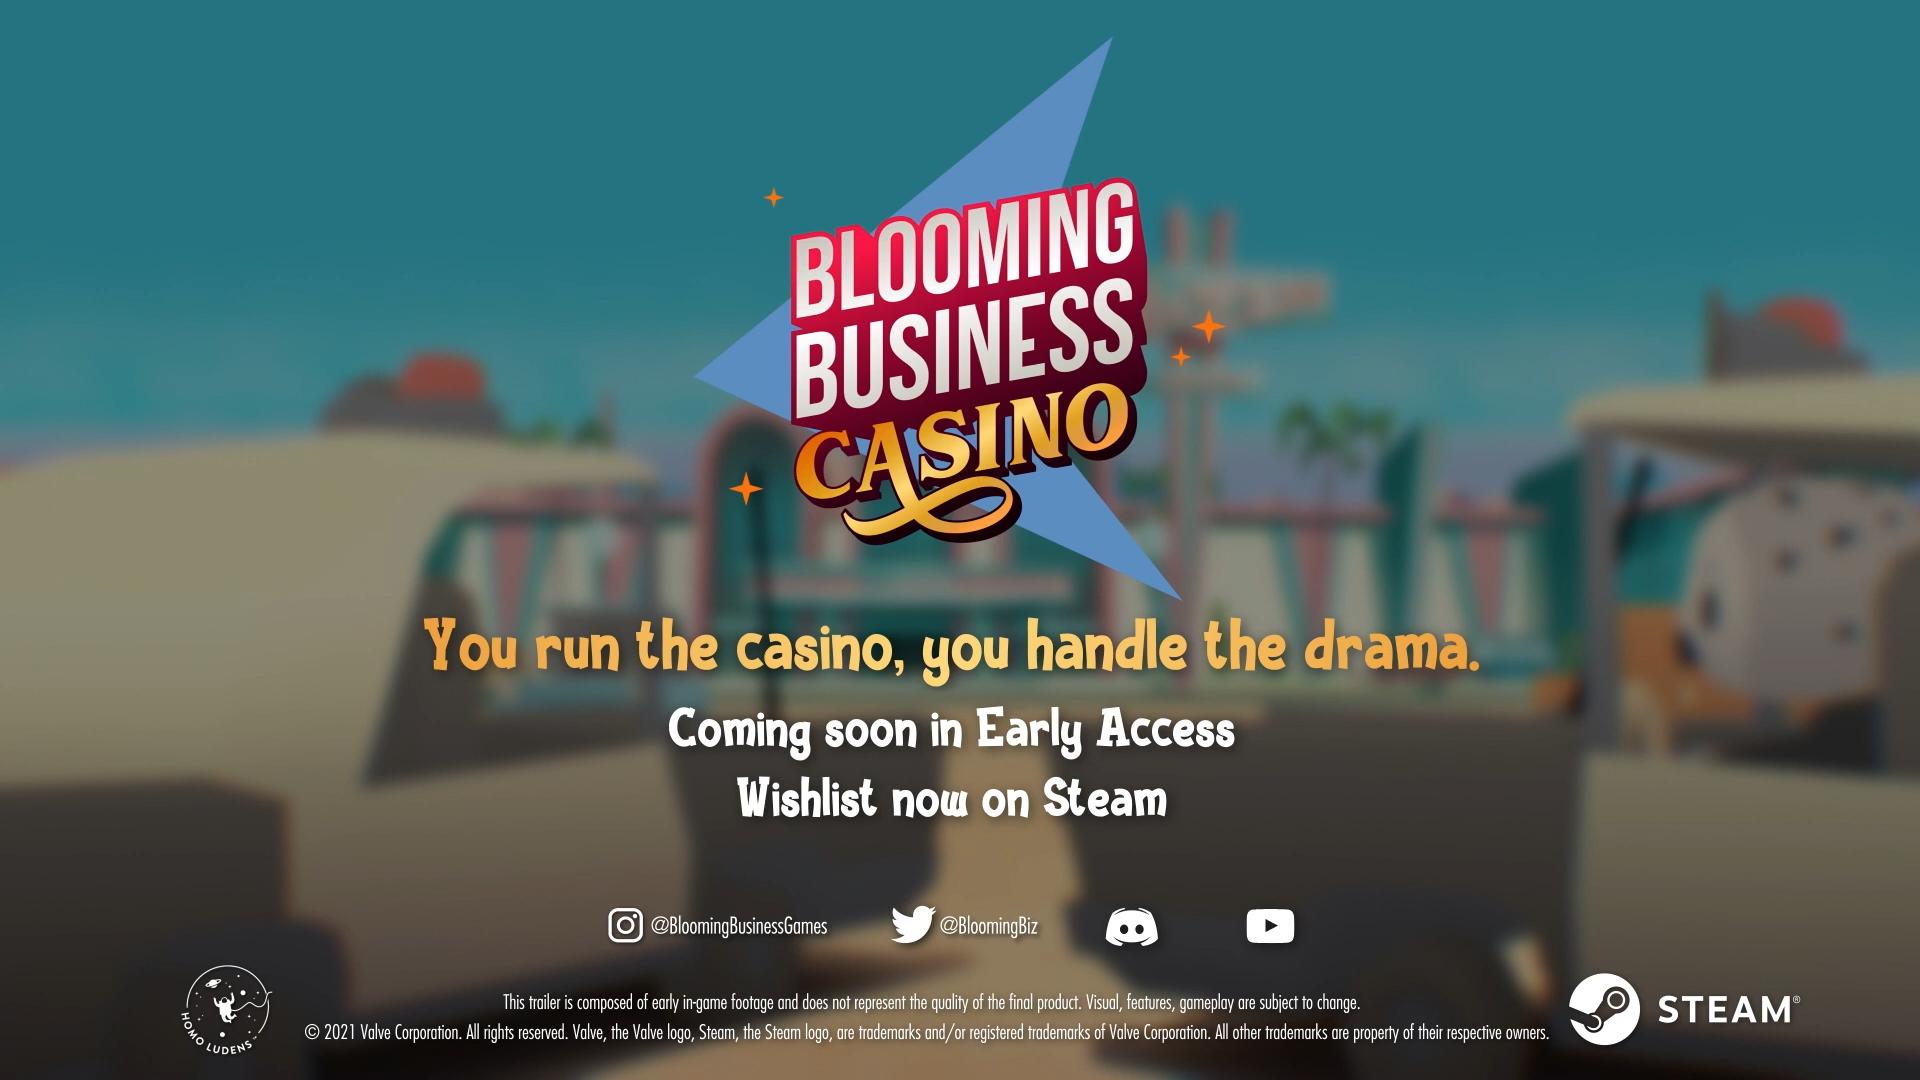 Blooming Business: Casino - Bitwares